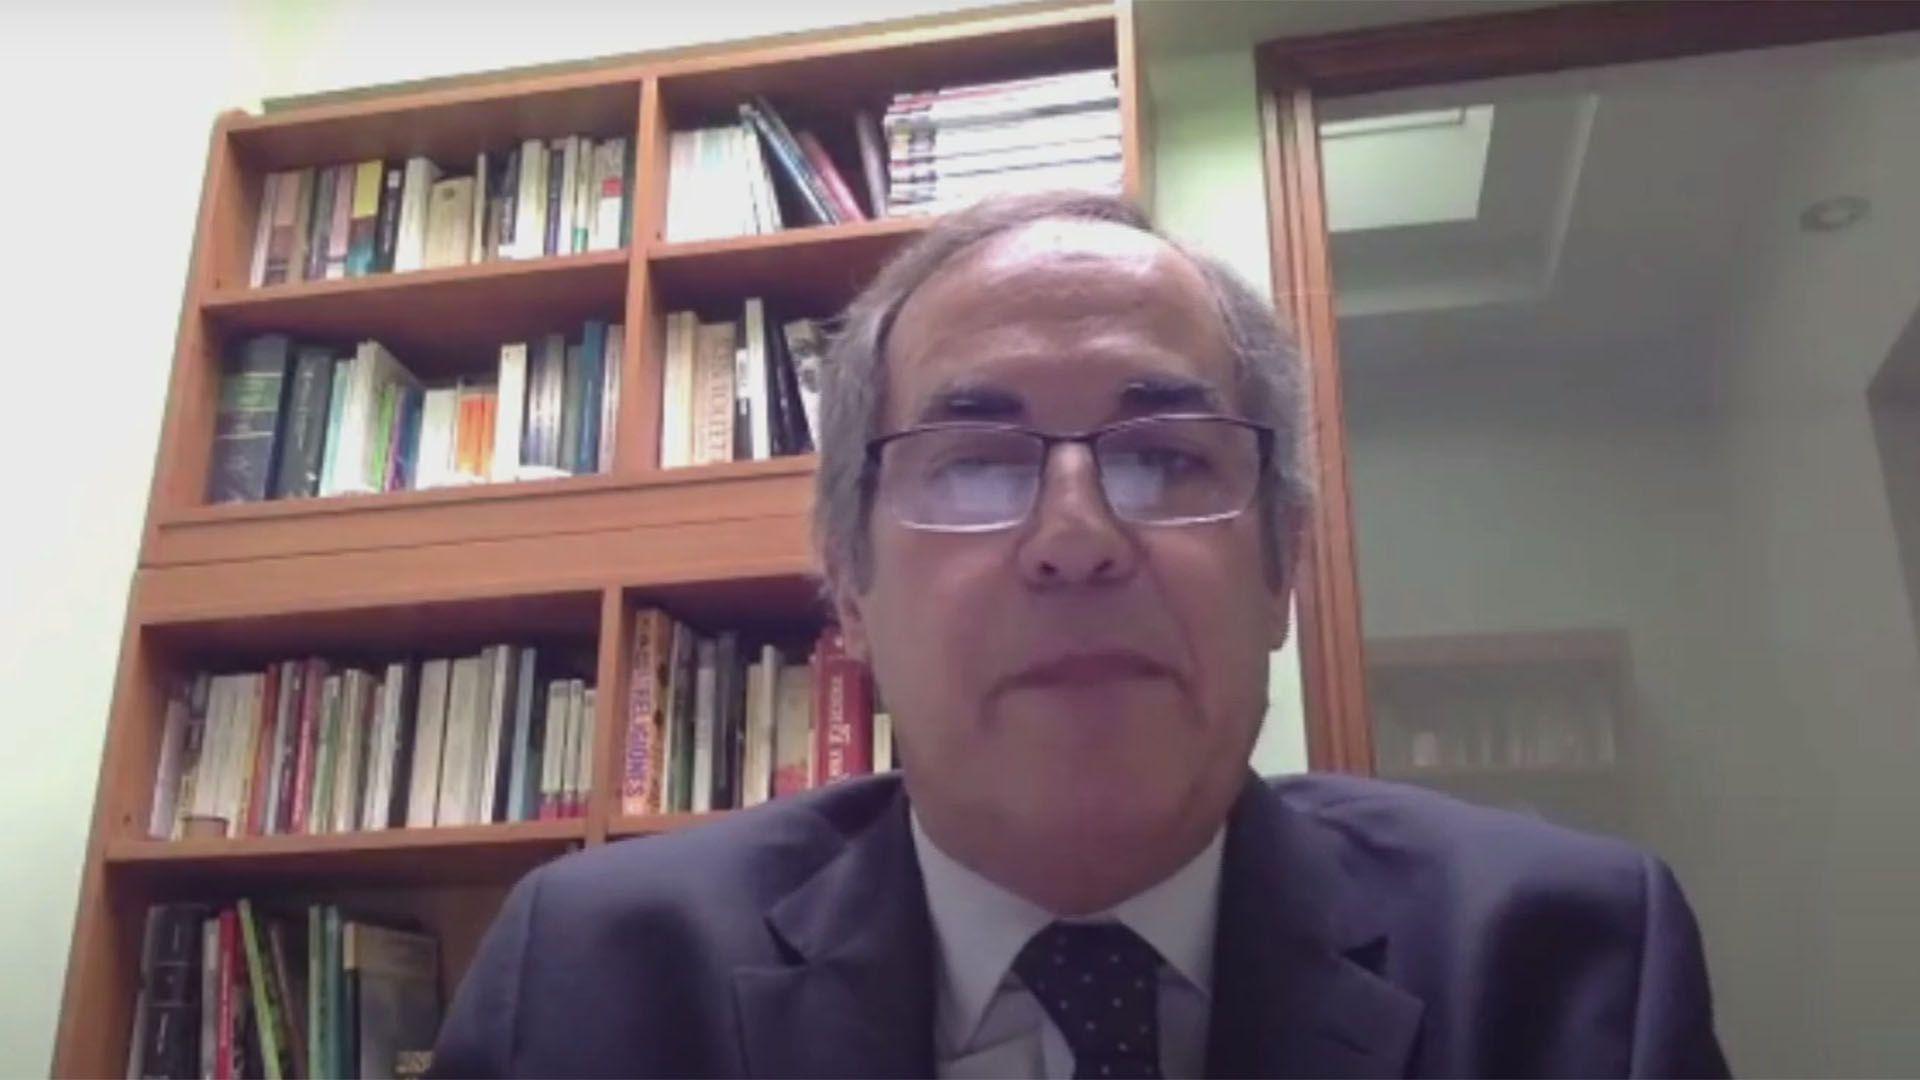 juez Seijas - Senado: Reunión conjunta de comisiones por el proyecto de Reforma Judicial